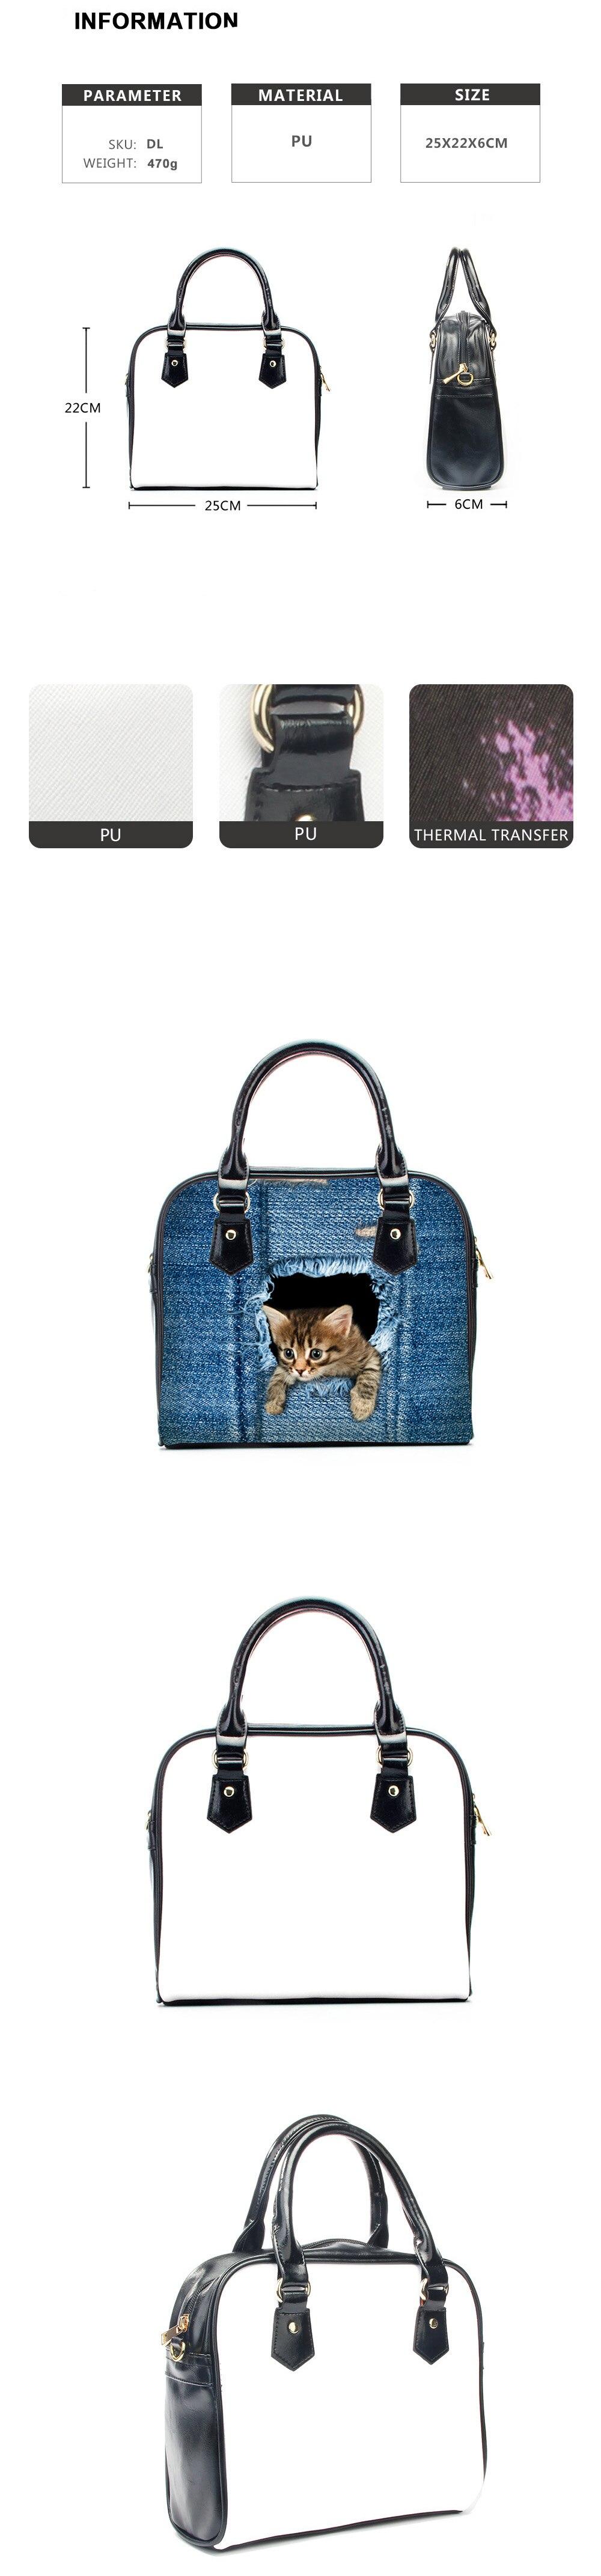 bolsas para as mulheres de luxo couro